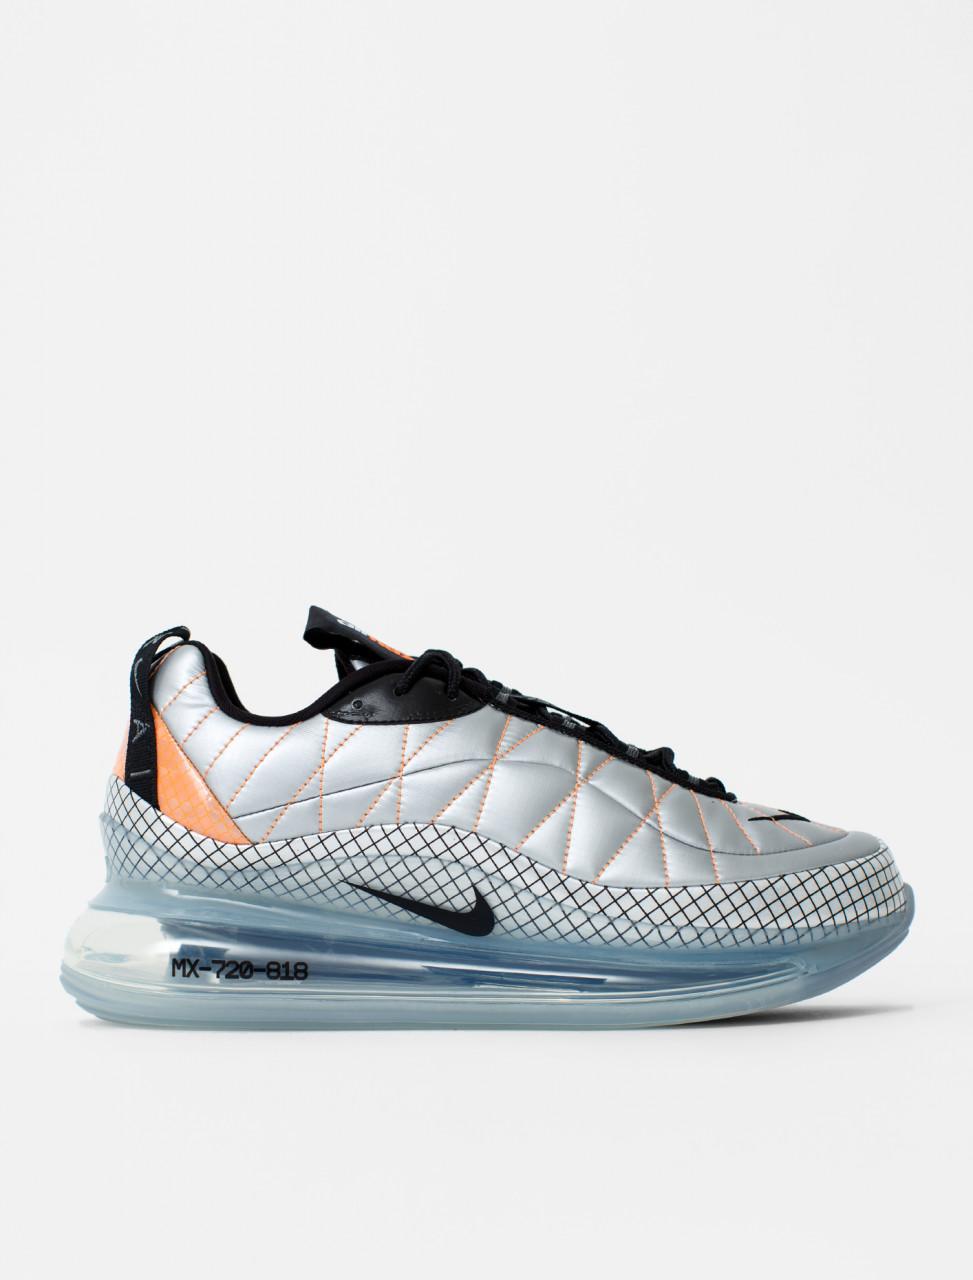 MX-720-818 Sneaker